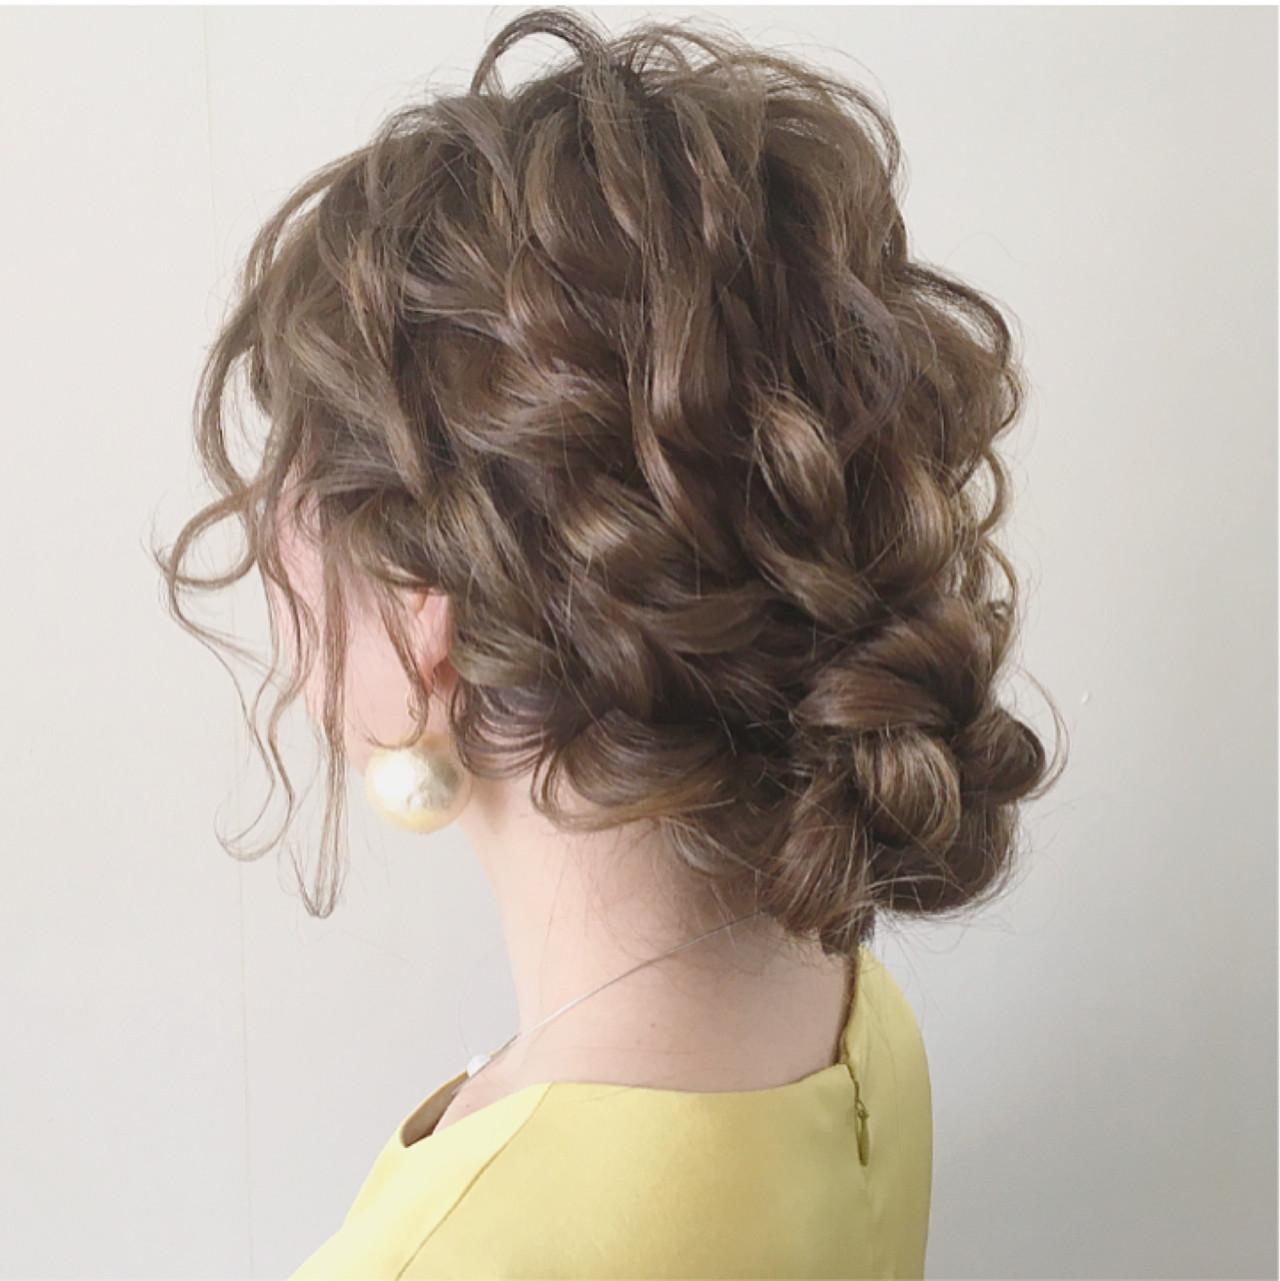 ガーリー ナチュラル 結婚式 ミディアム ヘアスタイルや髪型の写真・画像